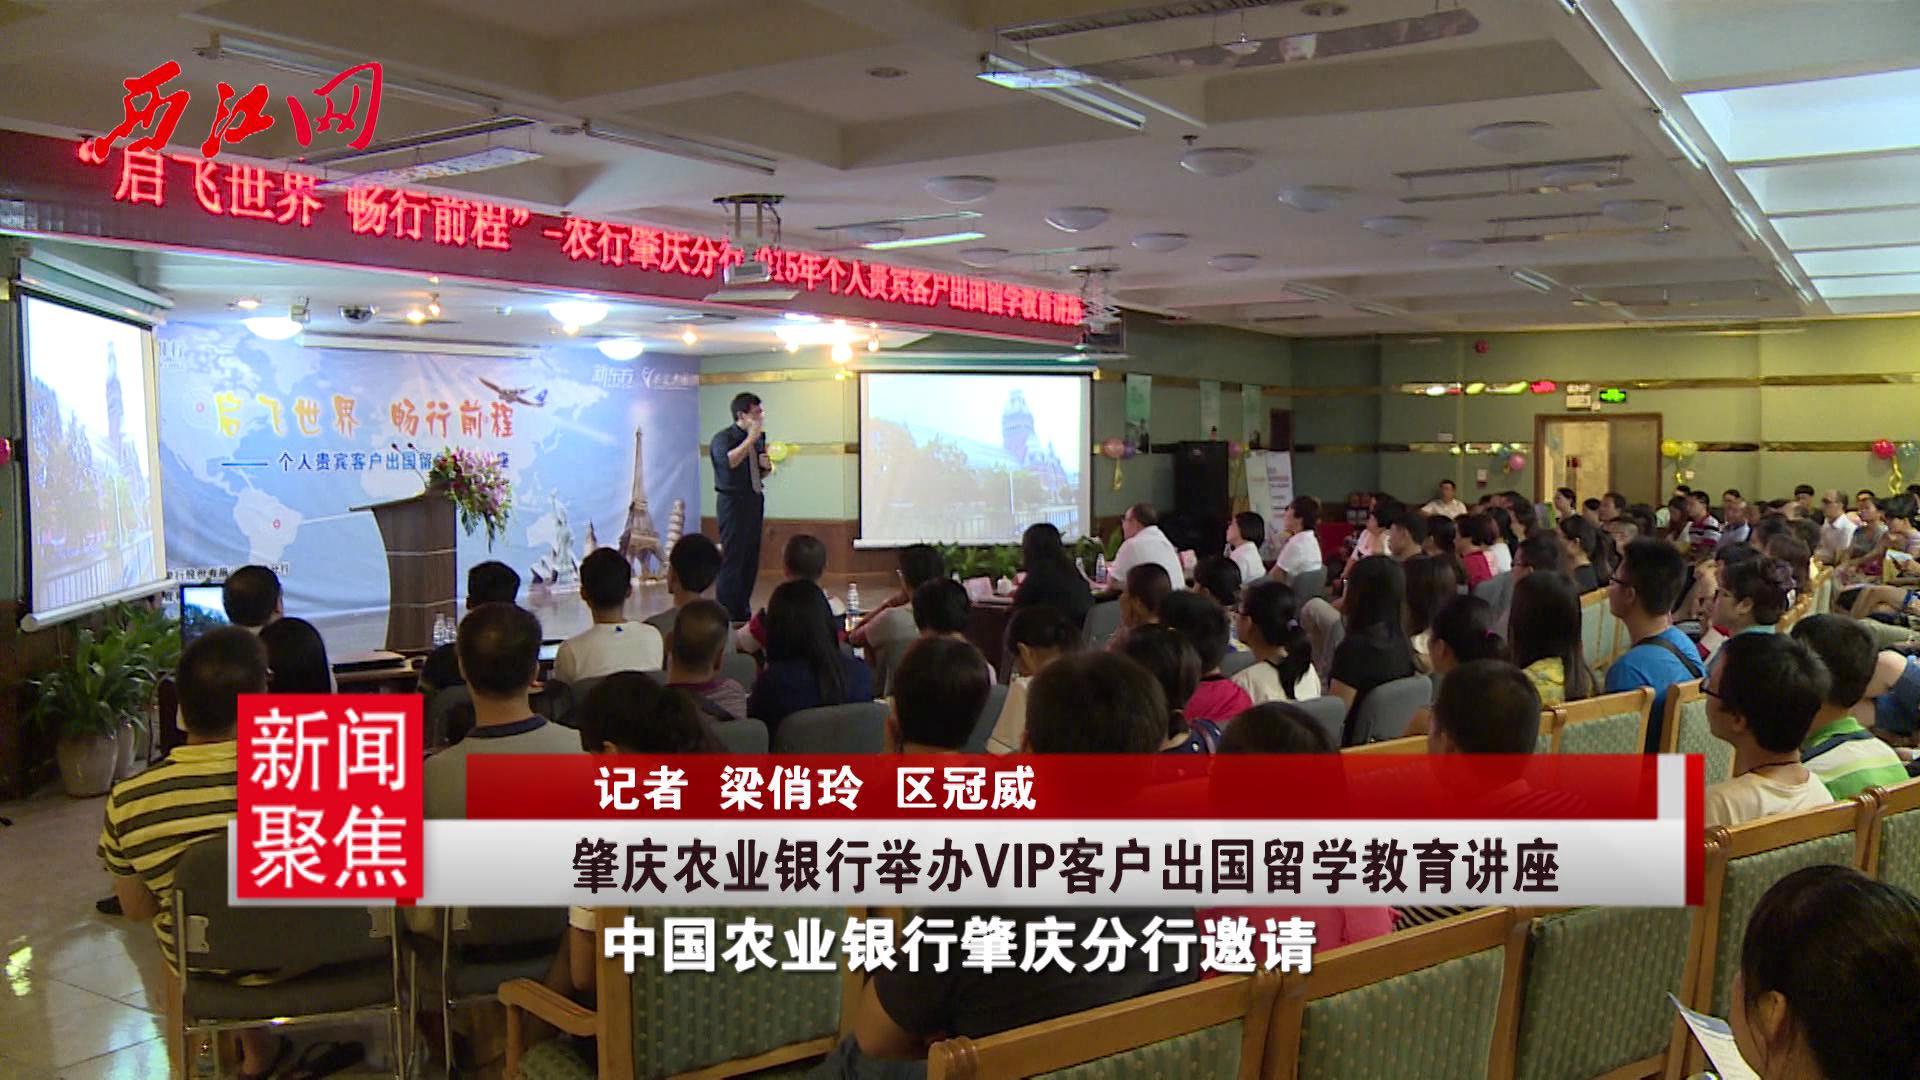 肇庆农业银行举办VIP客户出国留学教育讲座